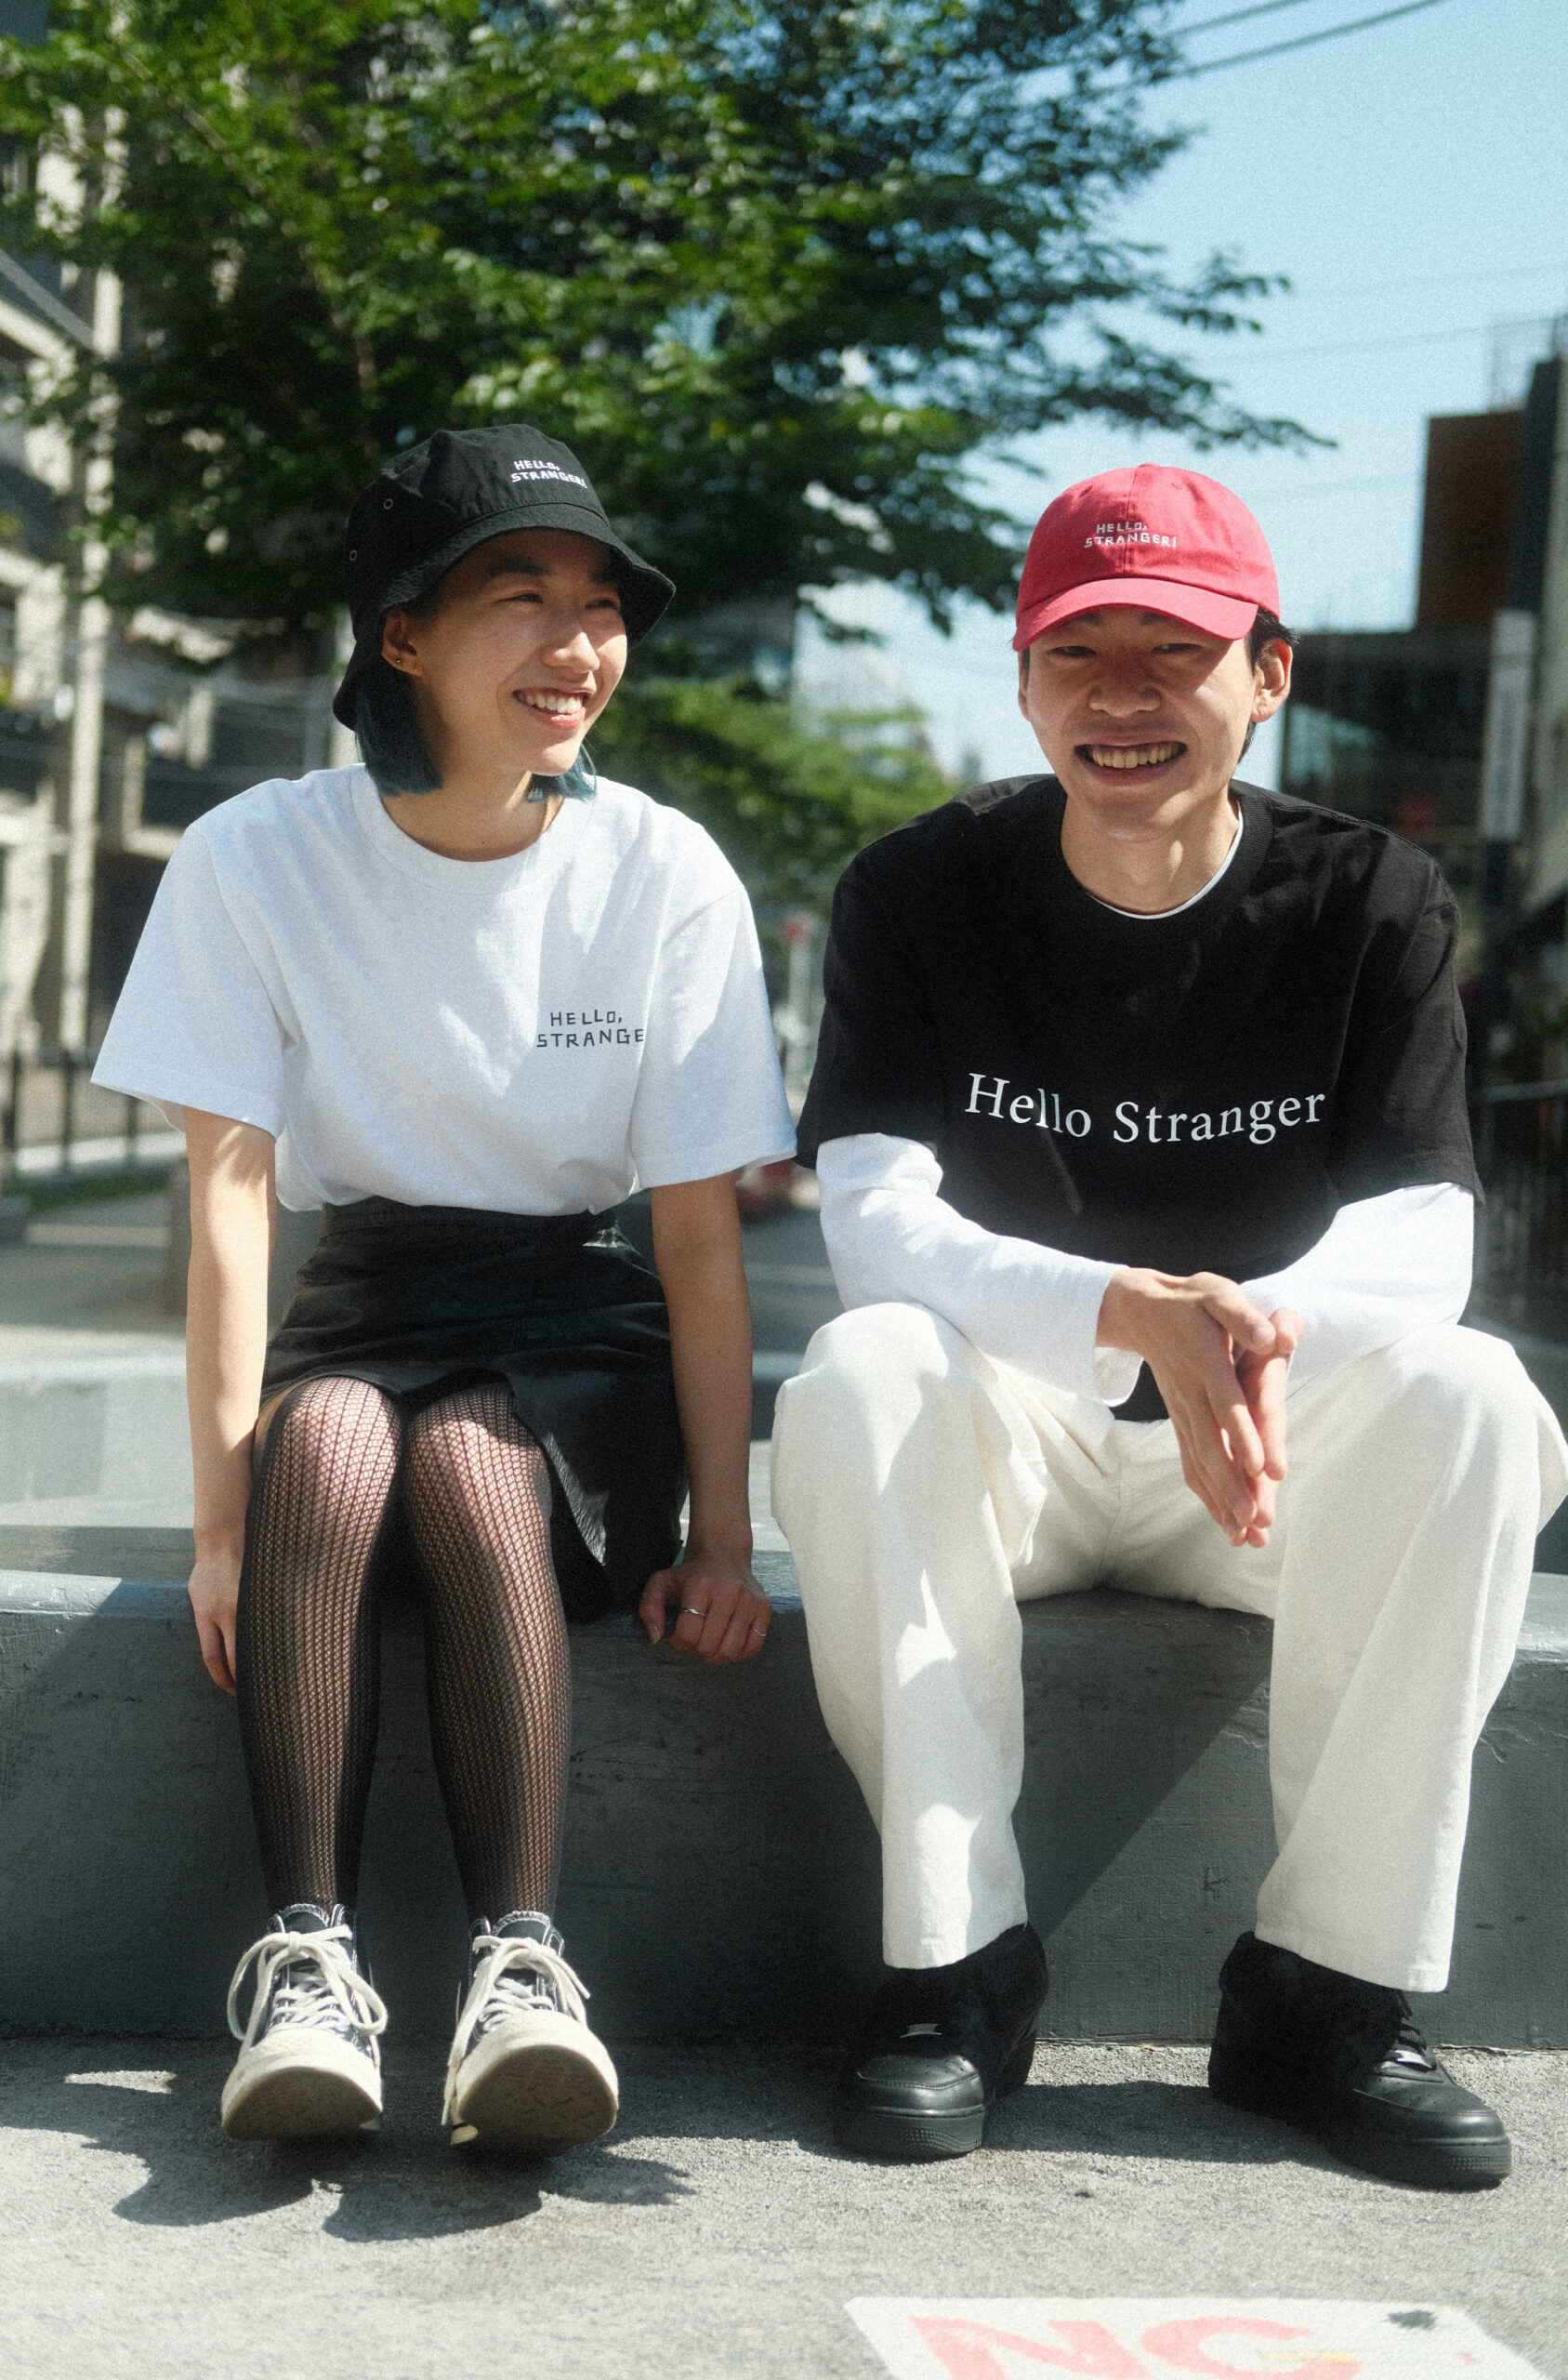 TOKION | Hello Stranger!